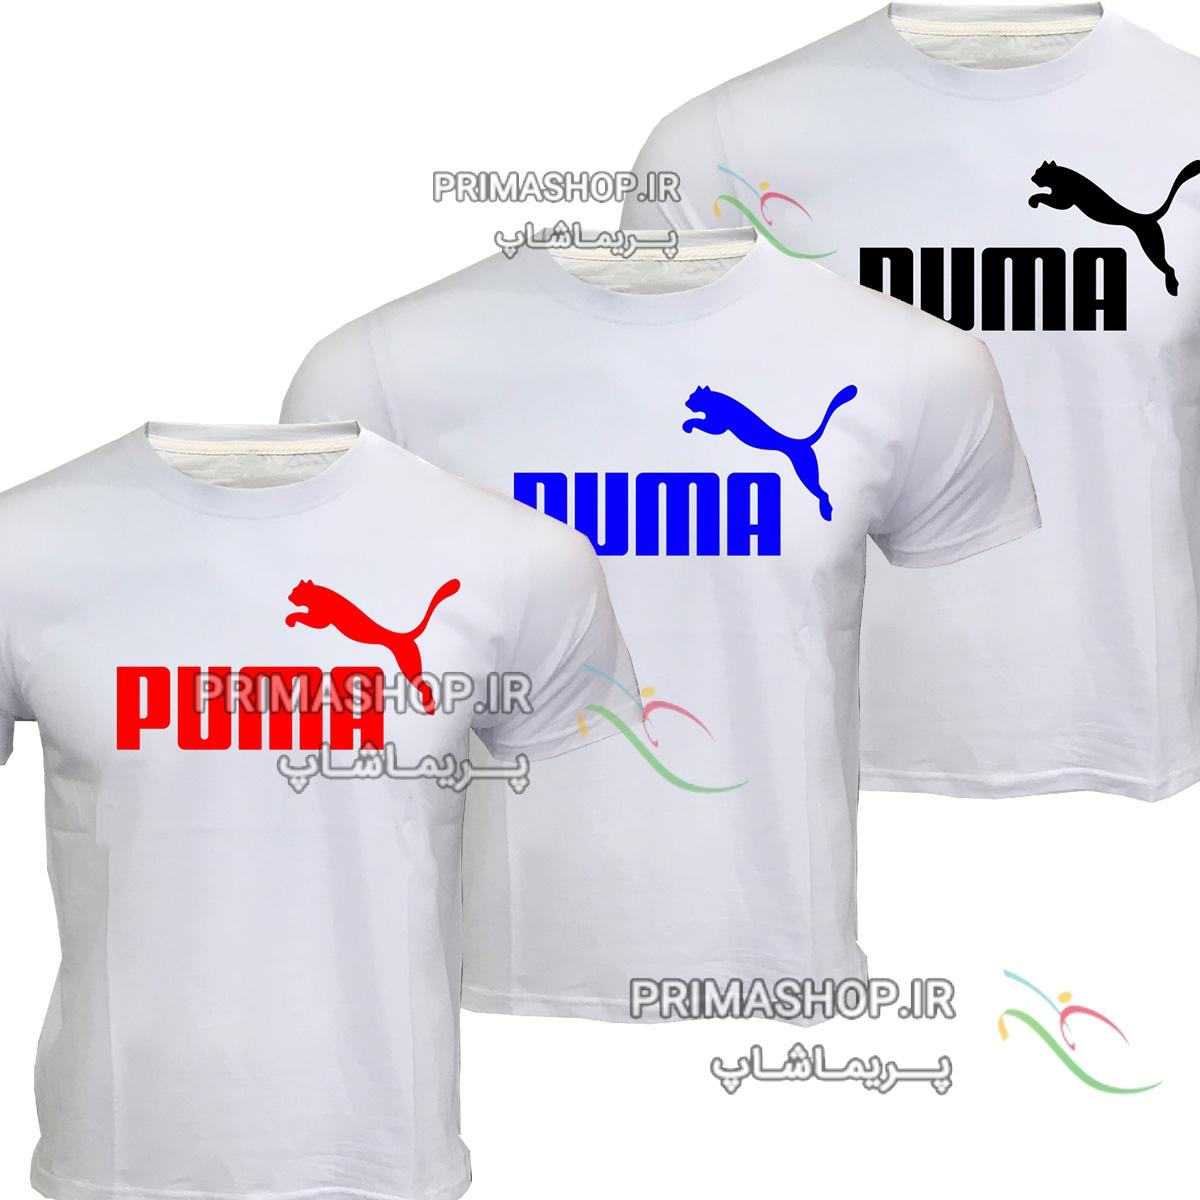 تیشرت ورزشی پوما سفید